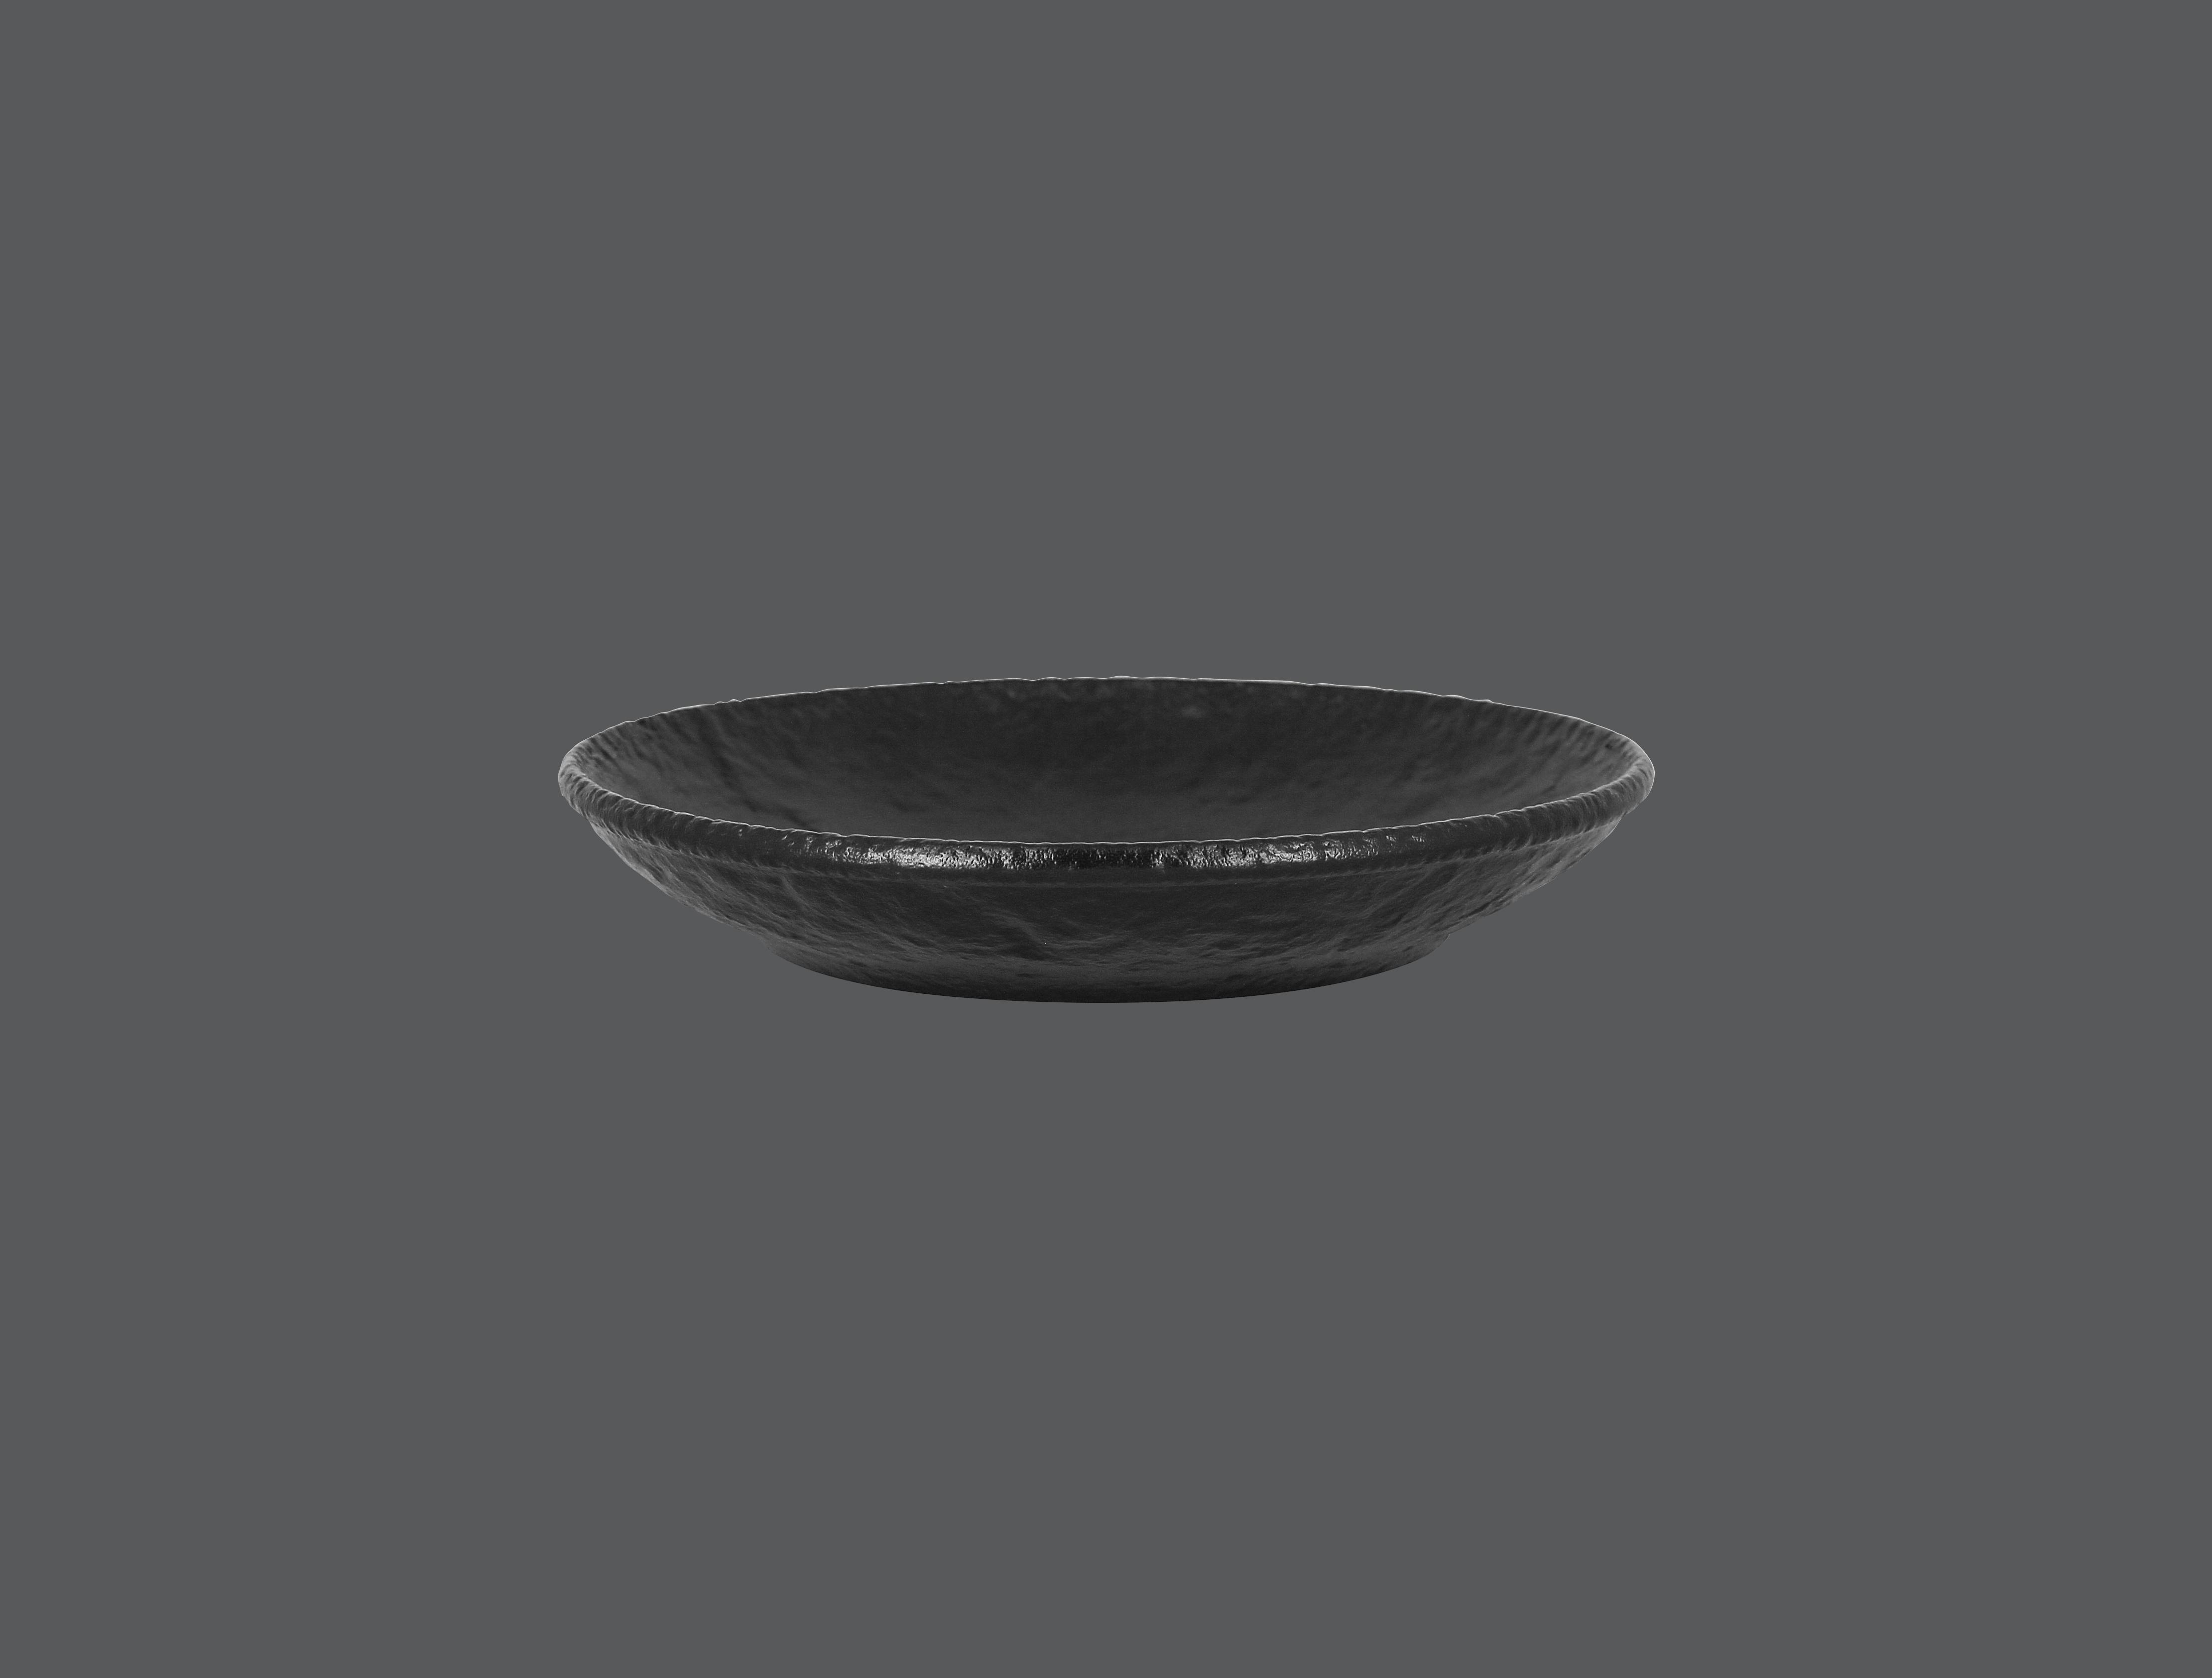 Roks talíř hluboký 26 cm - černá